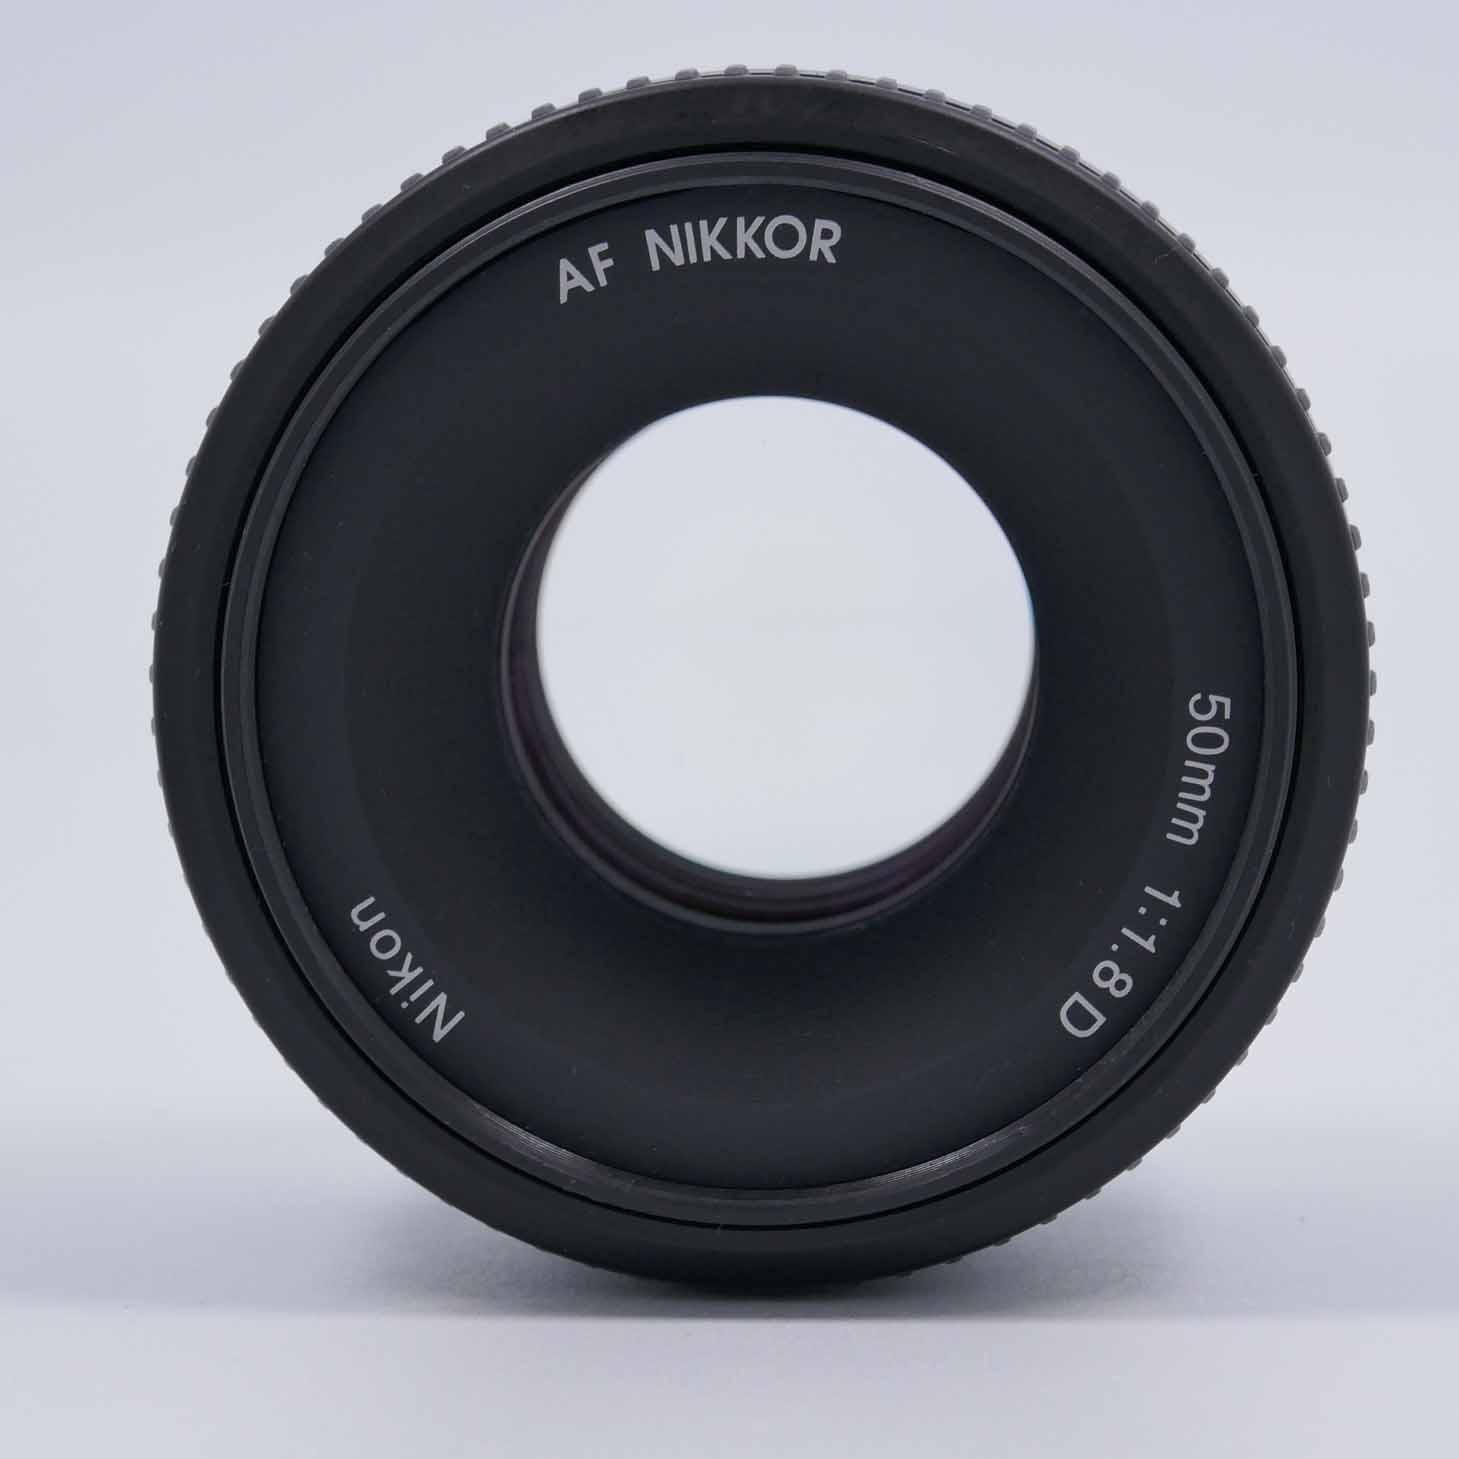 clean-cameras-Nikon-AF-50mm-1.8-D-09